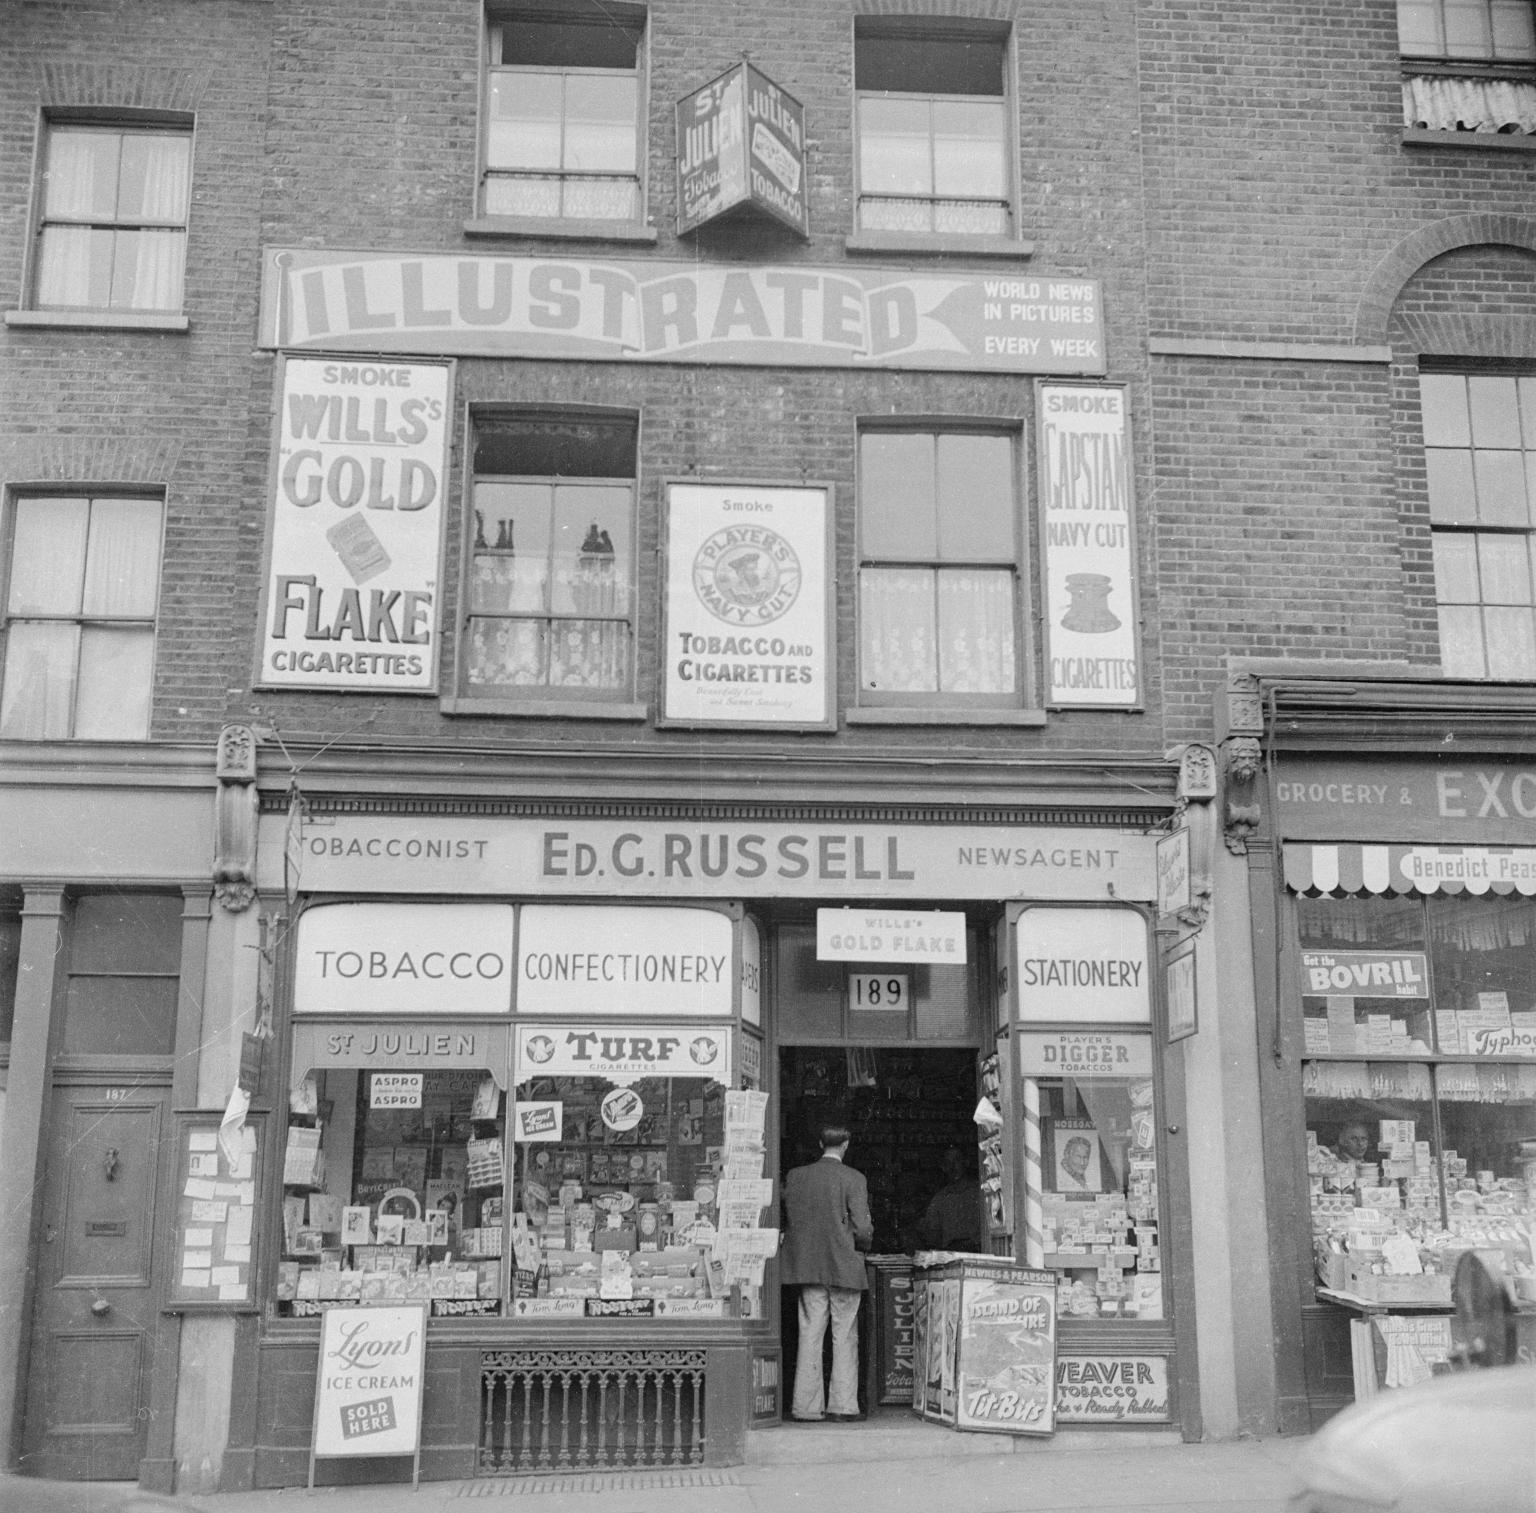 Магазин Эда Рассела, газетная продукция и табачные изделия